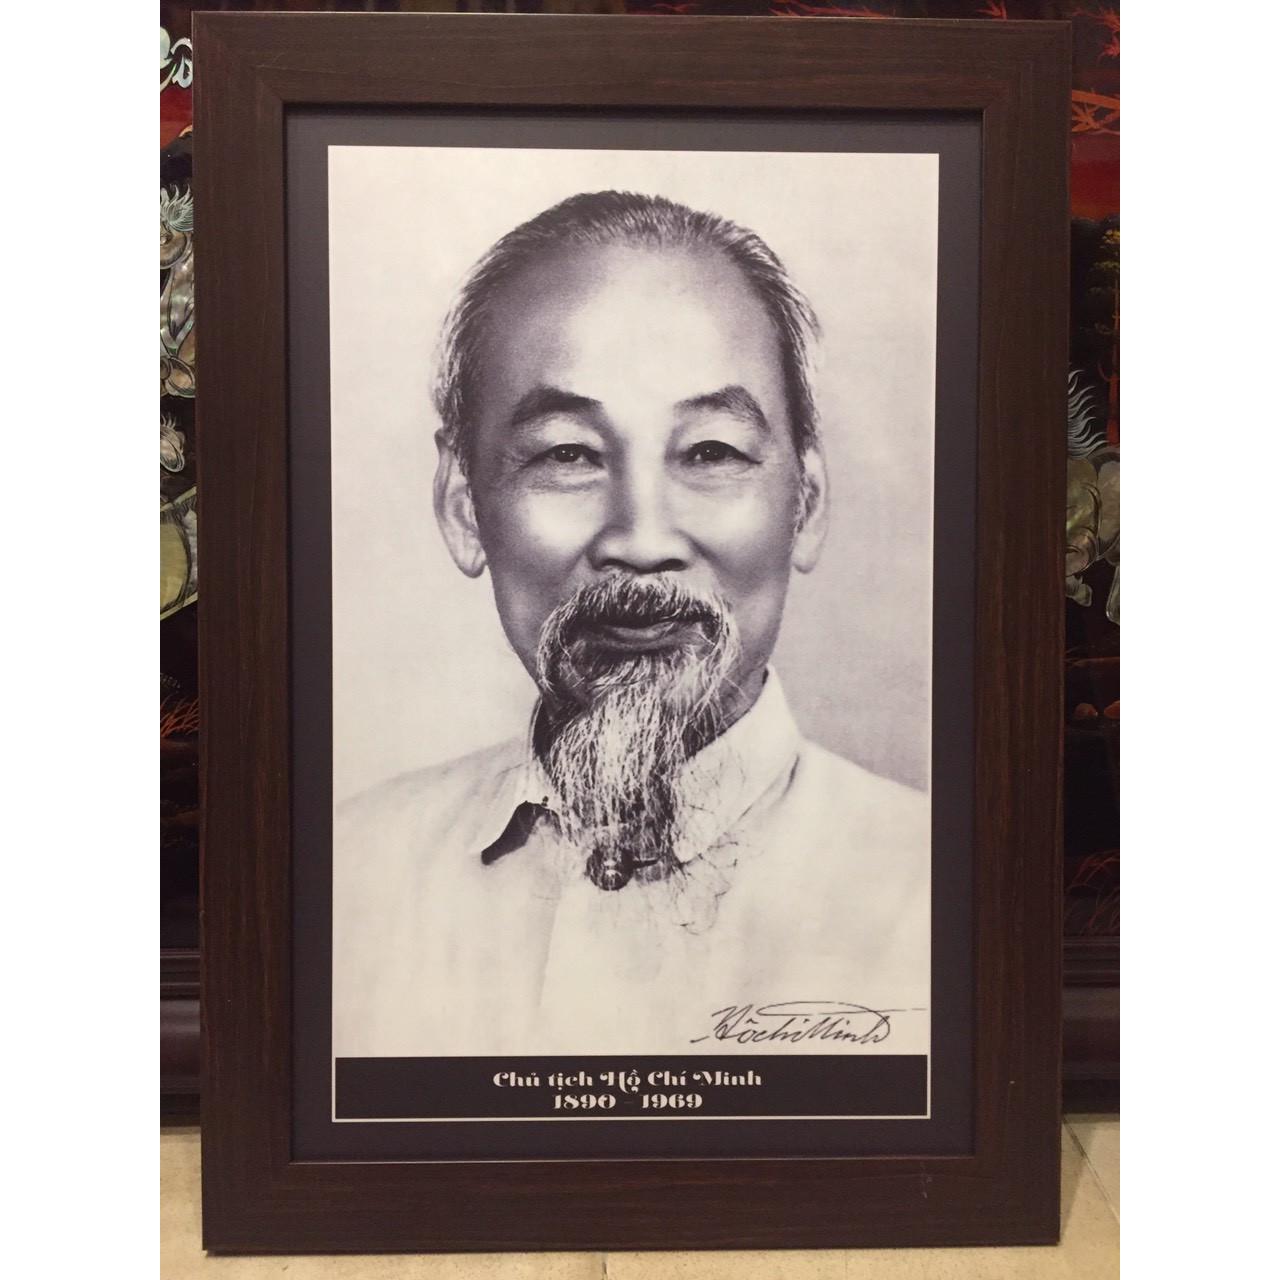 Ảnh  in đen trắng, Chủ tịch Hồ Chí Minh - B08 (48*68cm)